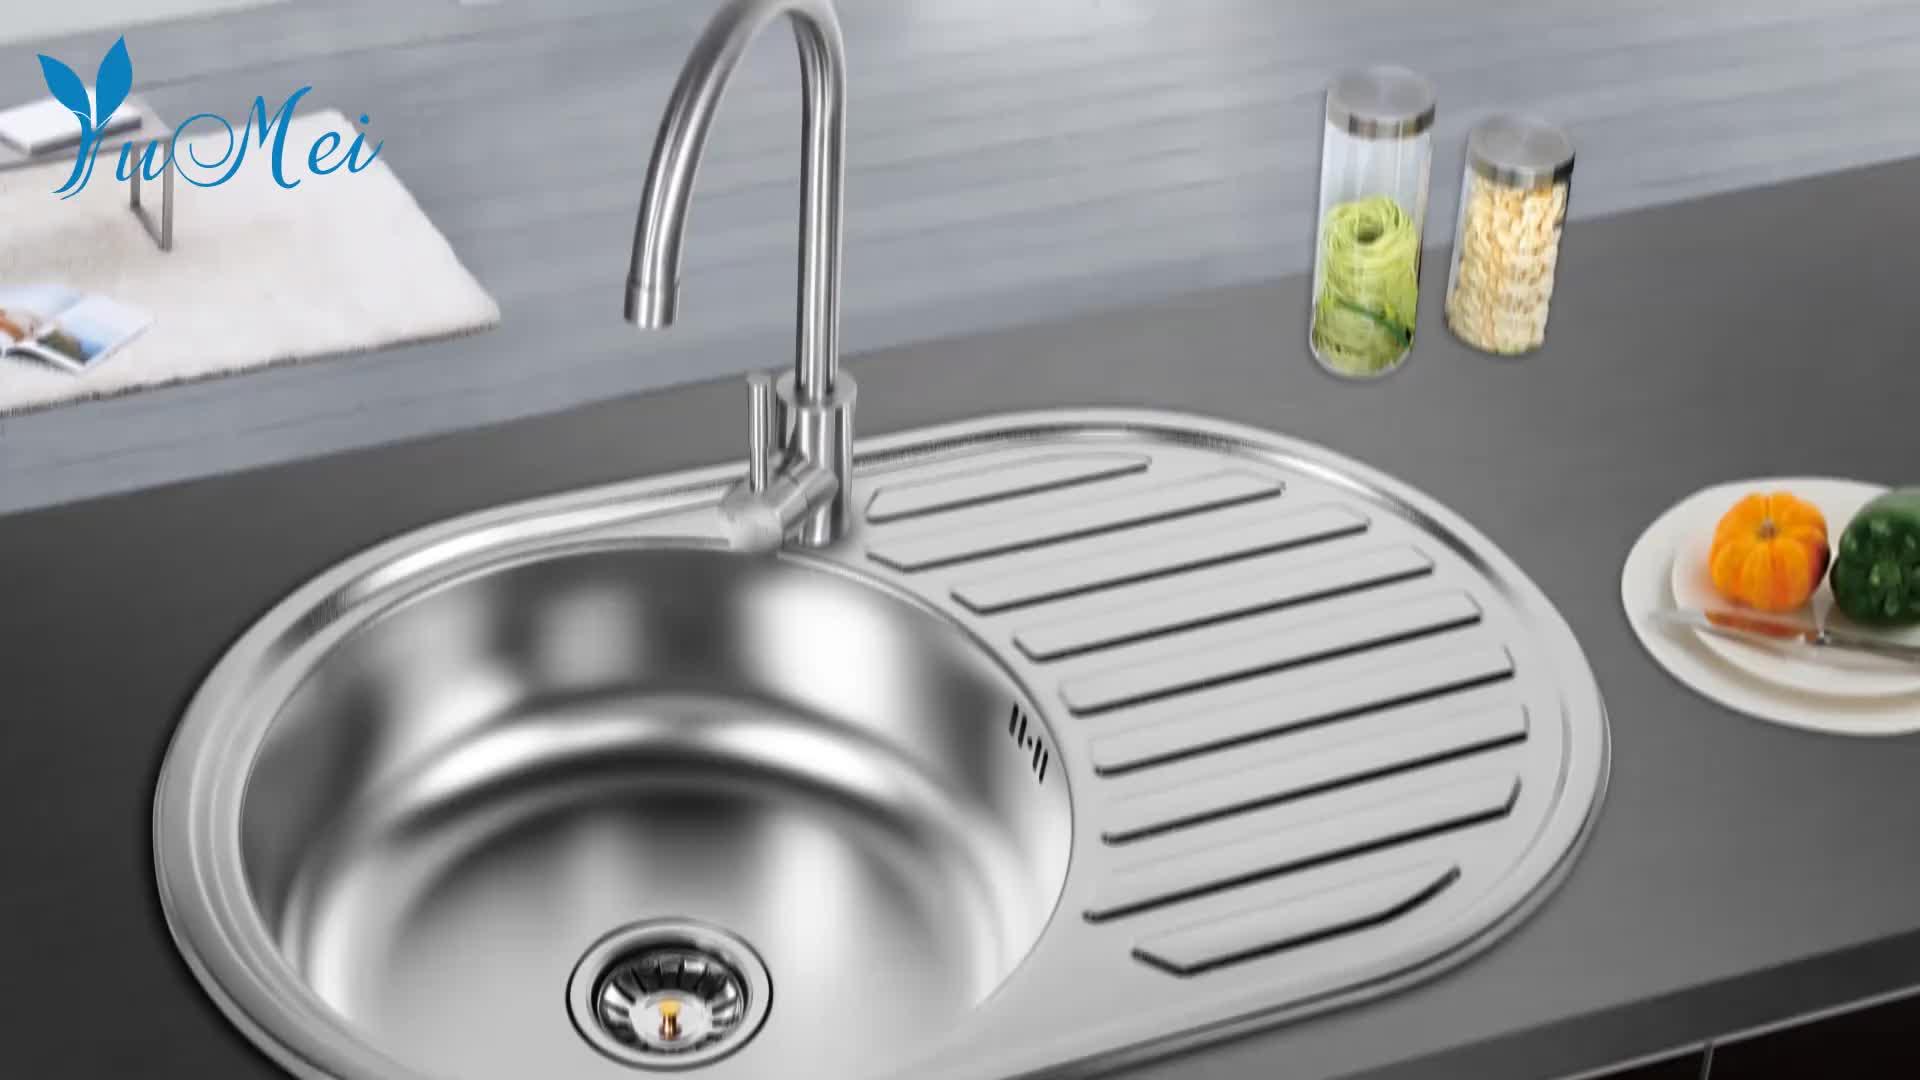 Superb 2017 Best Kitchen Sink Brand Double Bowl Stainless Steel Philippines Kitchen Sink Buy Single Bowl Large Round Bar Trough Basin Kitchen 7750W Sales Download Free Architecture Designs Salvmadebymaigaardcom